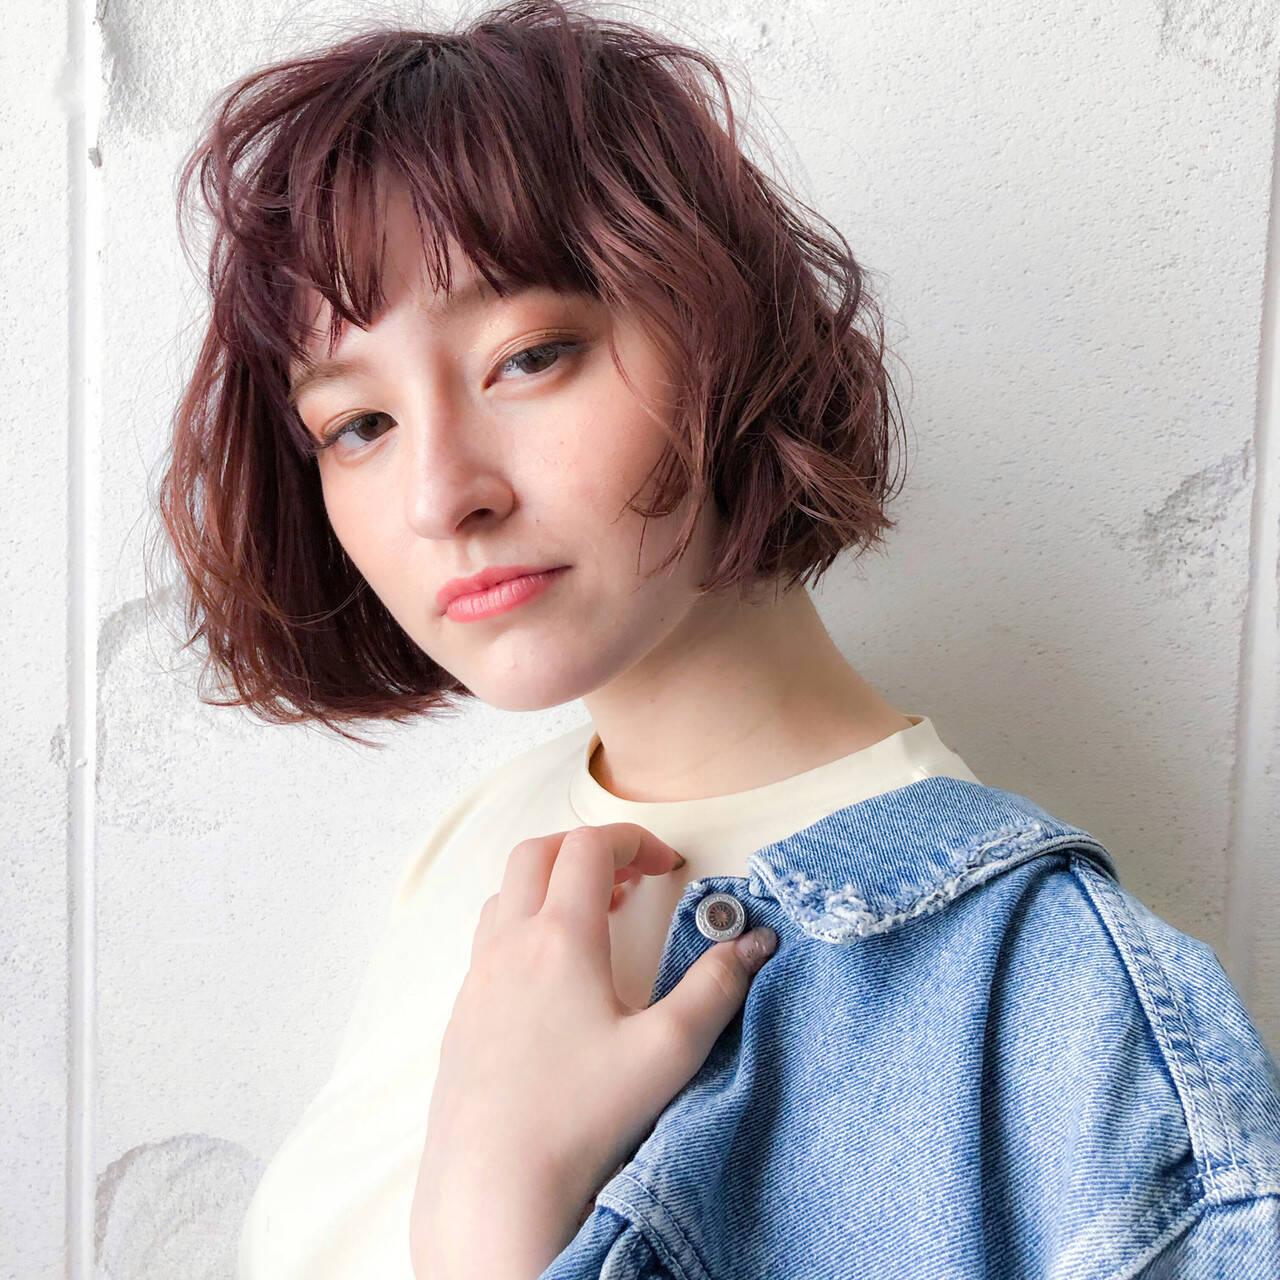 パーマ 小顔ヘア ピンクベージュ ボブヘアスタイルや髪型の写真・画像